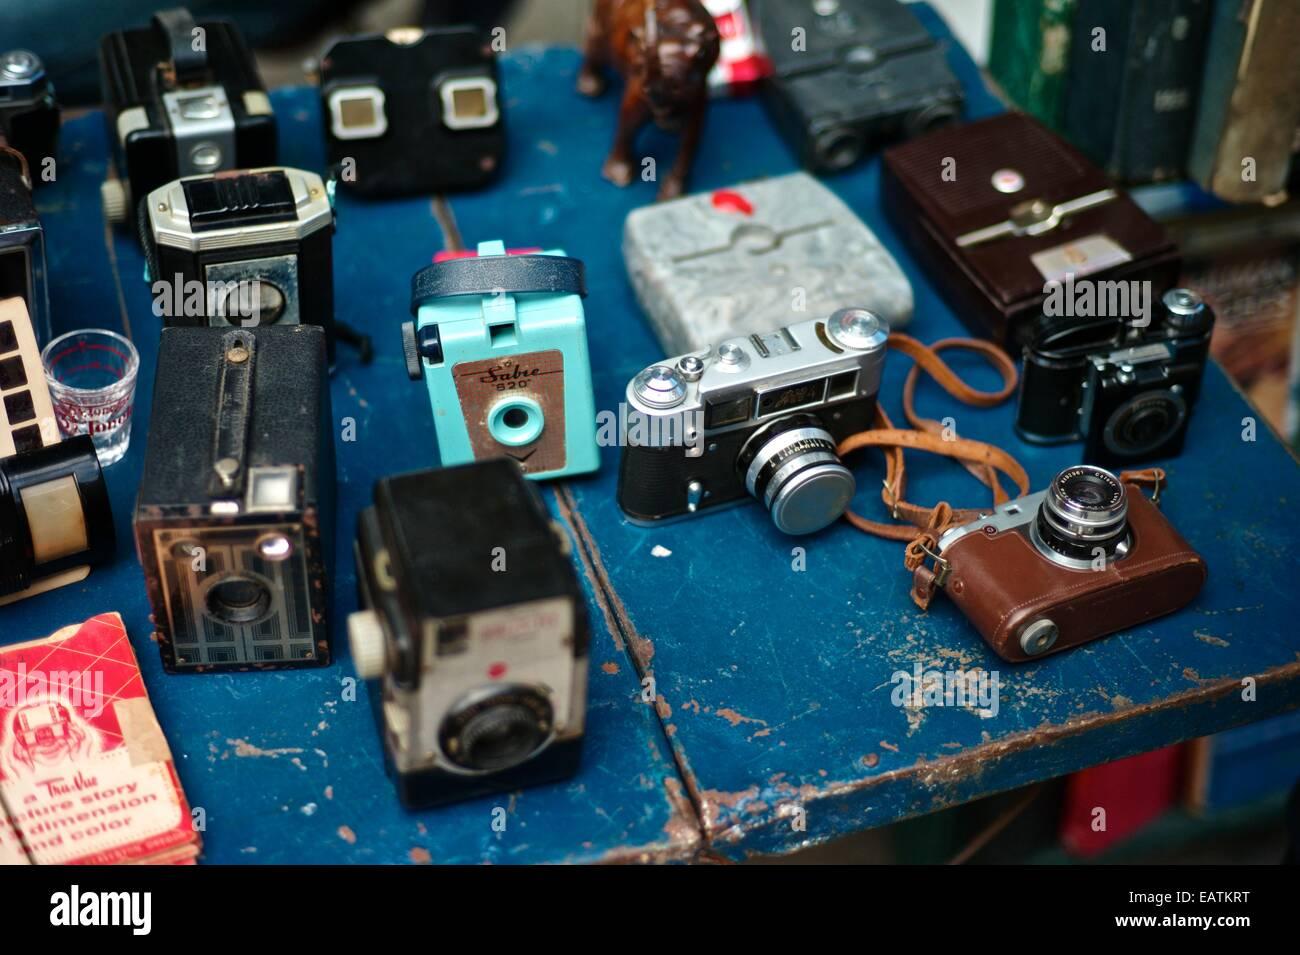 Memorabilia and vintage cameras for sale in the Plaza de Armas. - Stock Image